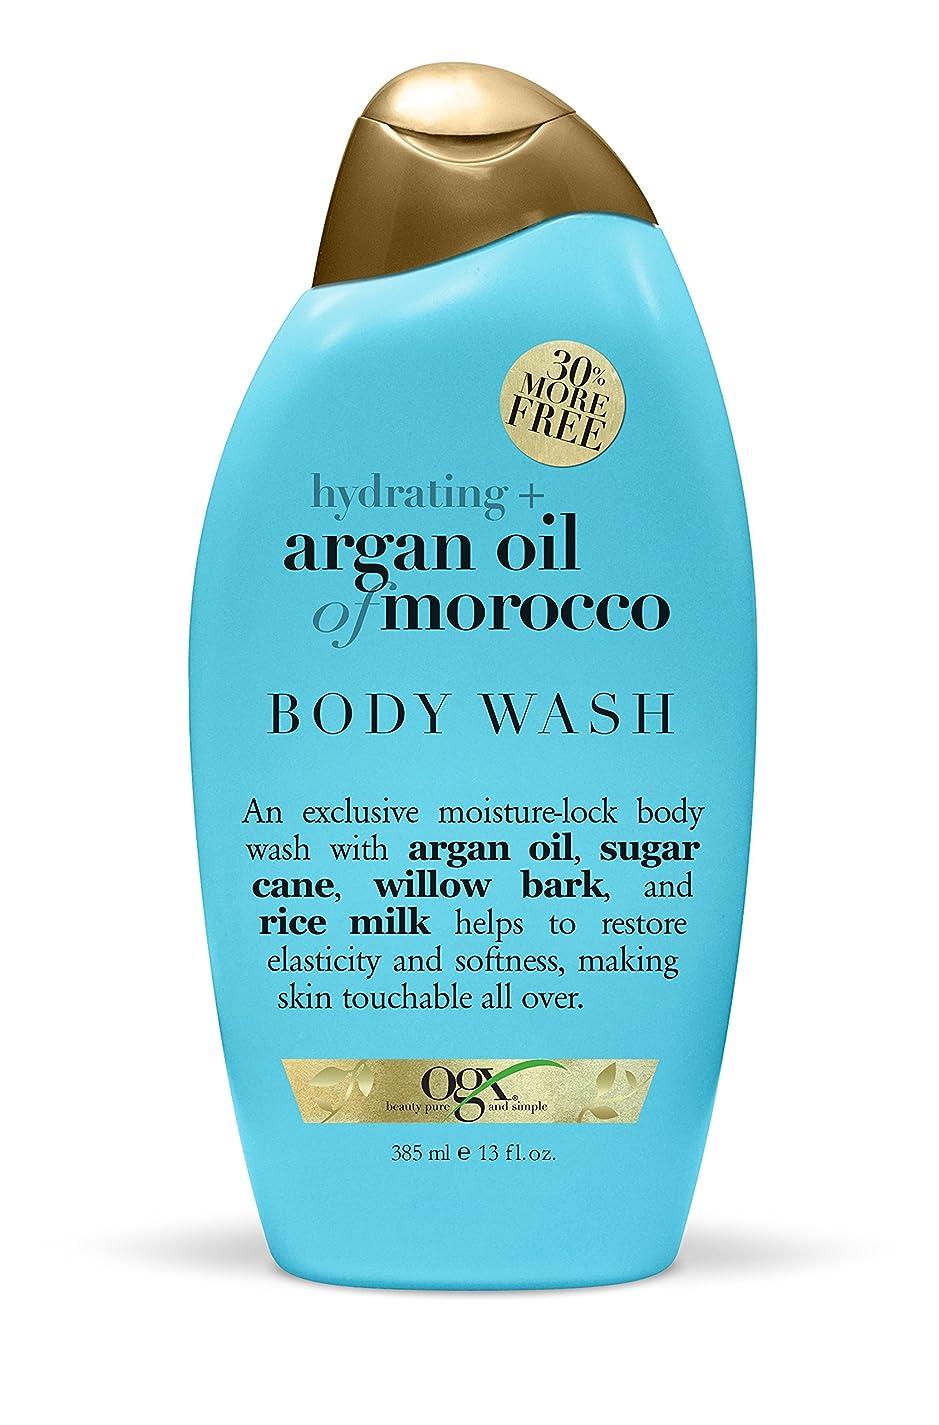 偏見偏見謝罪するOrganix Body Wash Moroccan Argan Oil 385 ml (Hydrating) (並行輸入品)